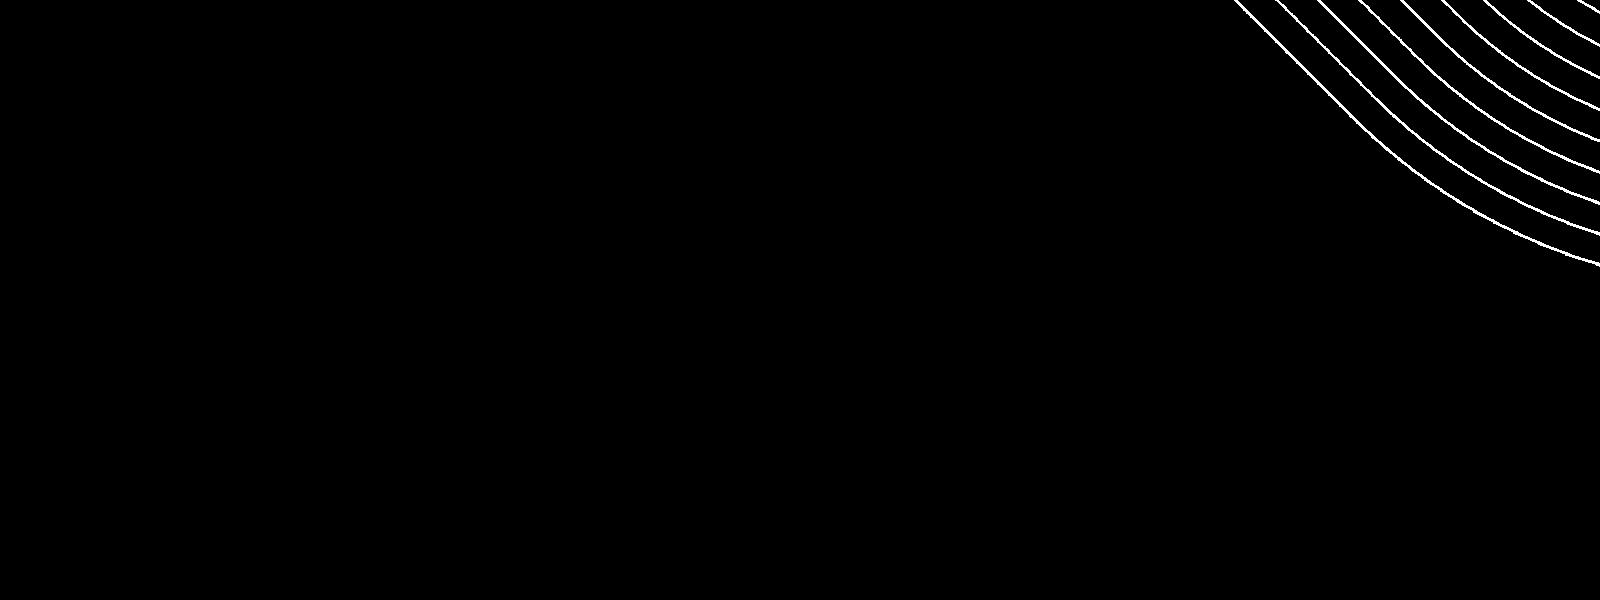 لایه دهم اسلاید سی و پنجمین جشنواره بین المللی تئاتر فجر، هویت بصری سی و پنجمین جشنواره بین المللی تئاتر فجر، طراحی لوگو، طراحی لوگوتایپ، شرکت تبلیغاتی الف، طراحی هویت بصری